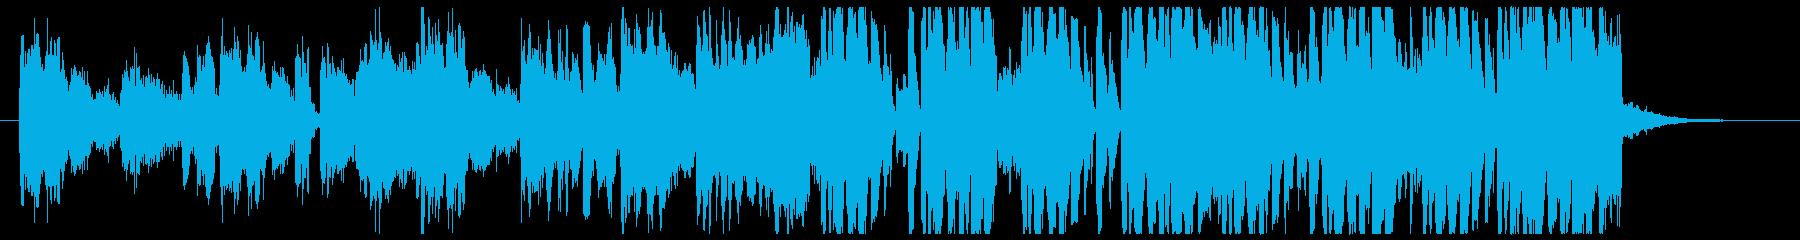 淡々としているが明るめのファンクの再生済みの波形